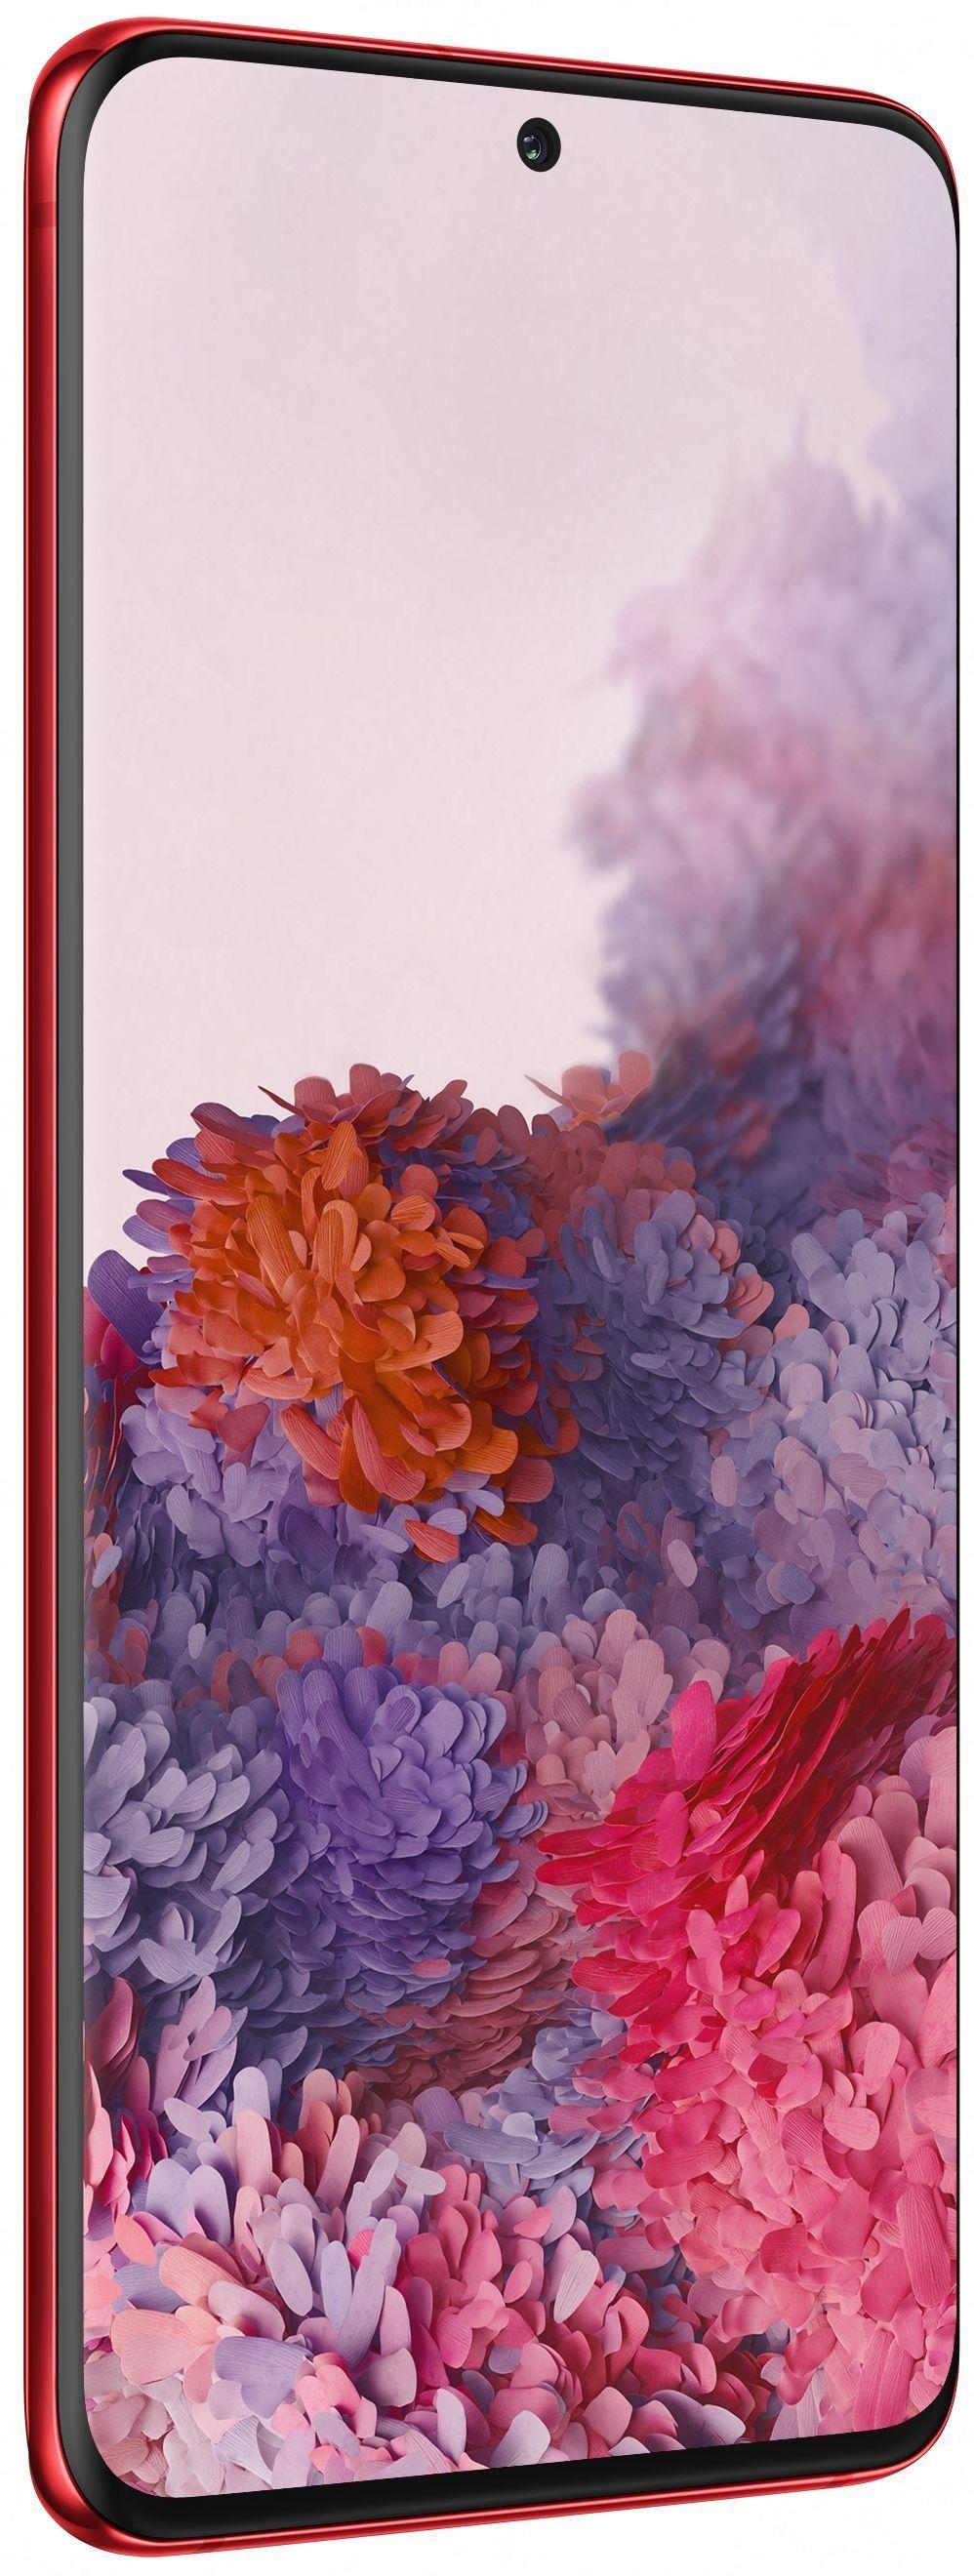 Смартфон Samsung Galaxy S20 (SM-G980FZRDSEK) Red от Територія твоєї техніки - 5